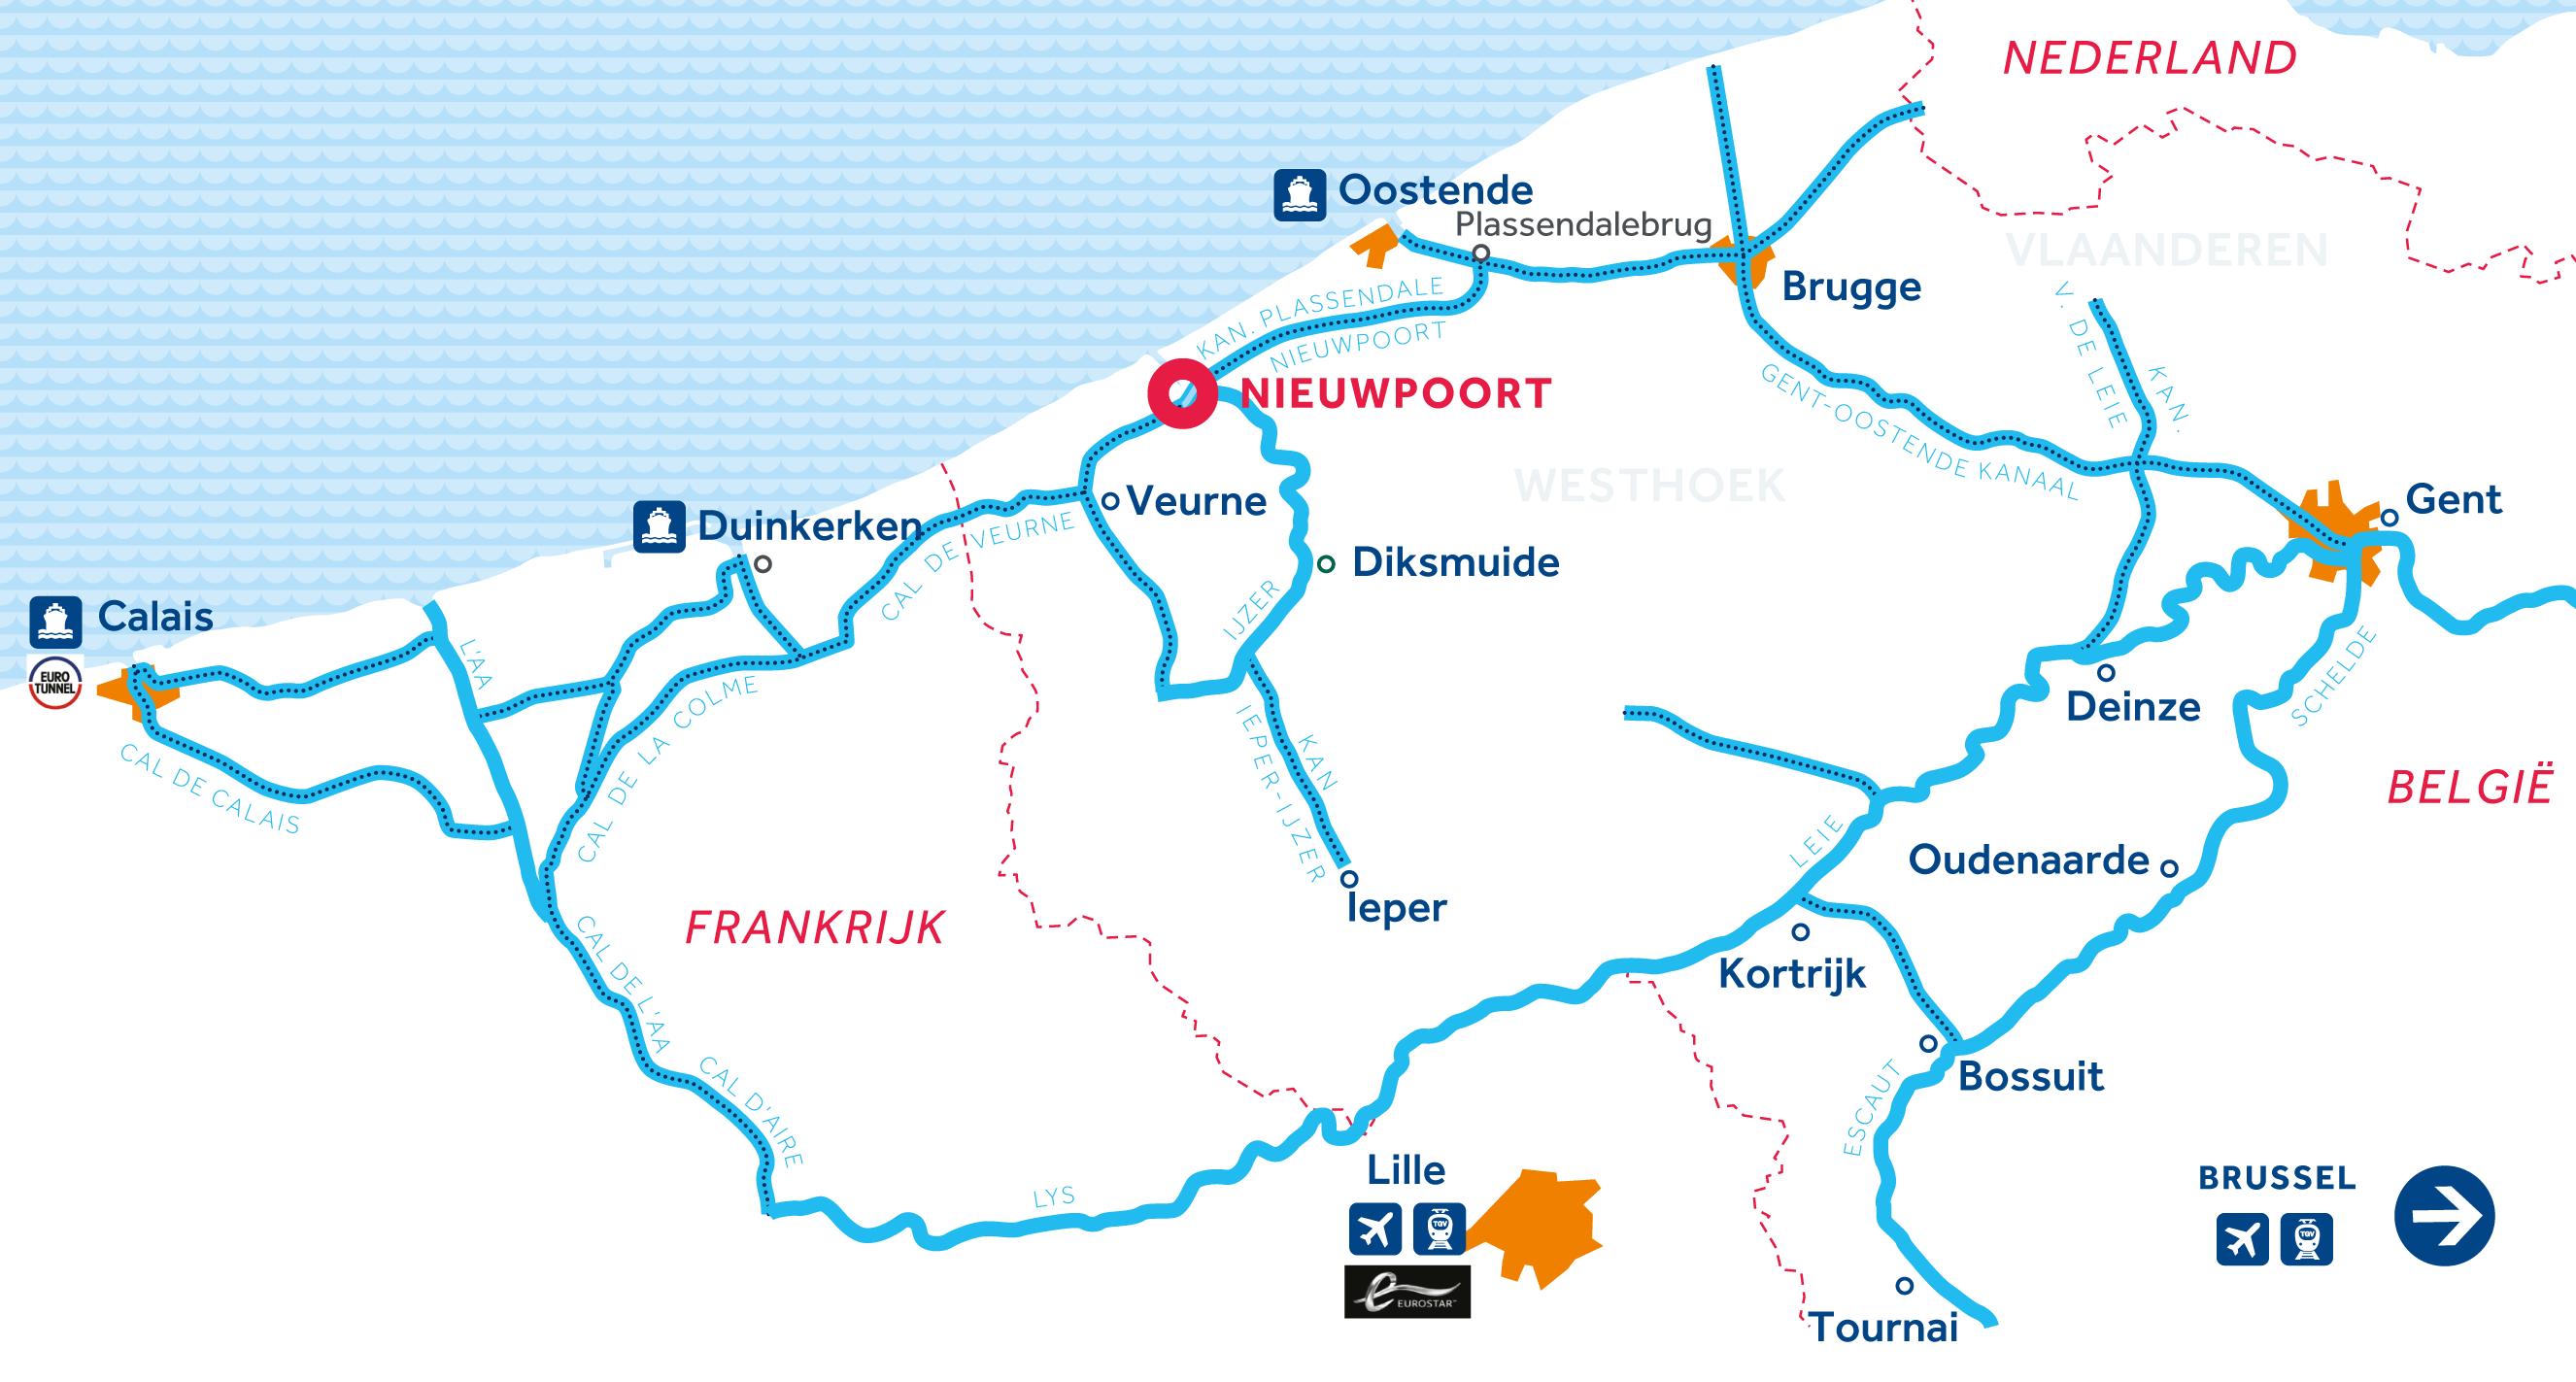 Kaart van de vaarregio: Vlaanderen